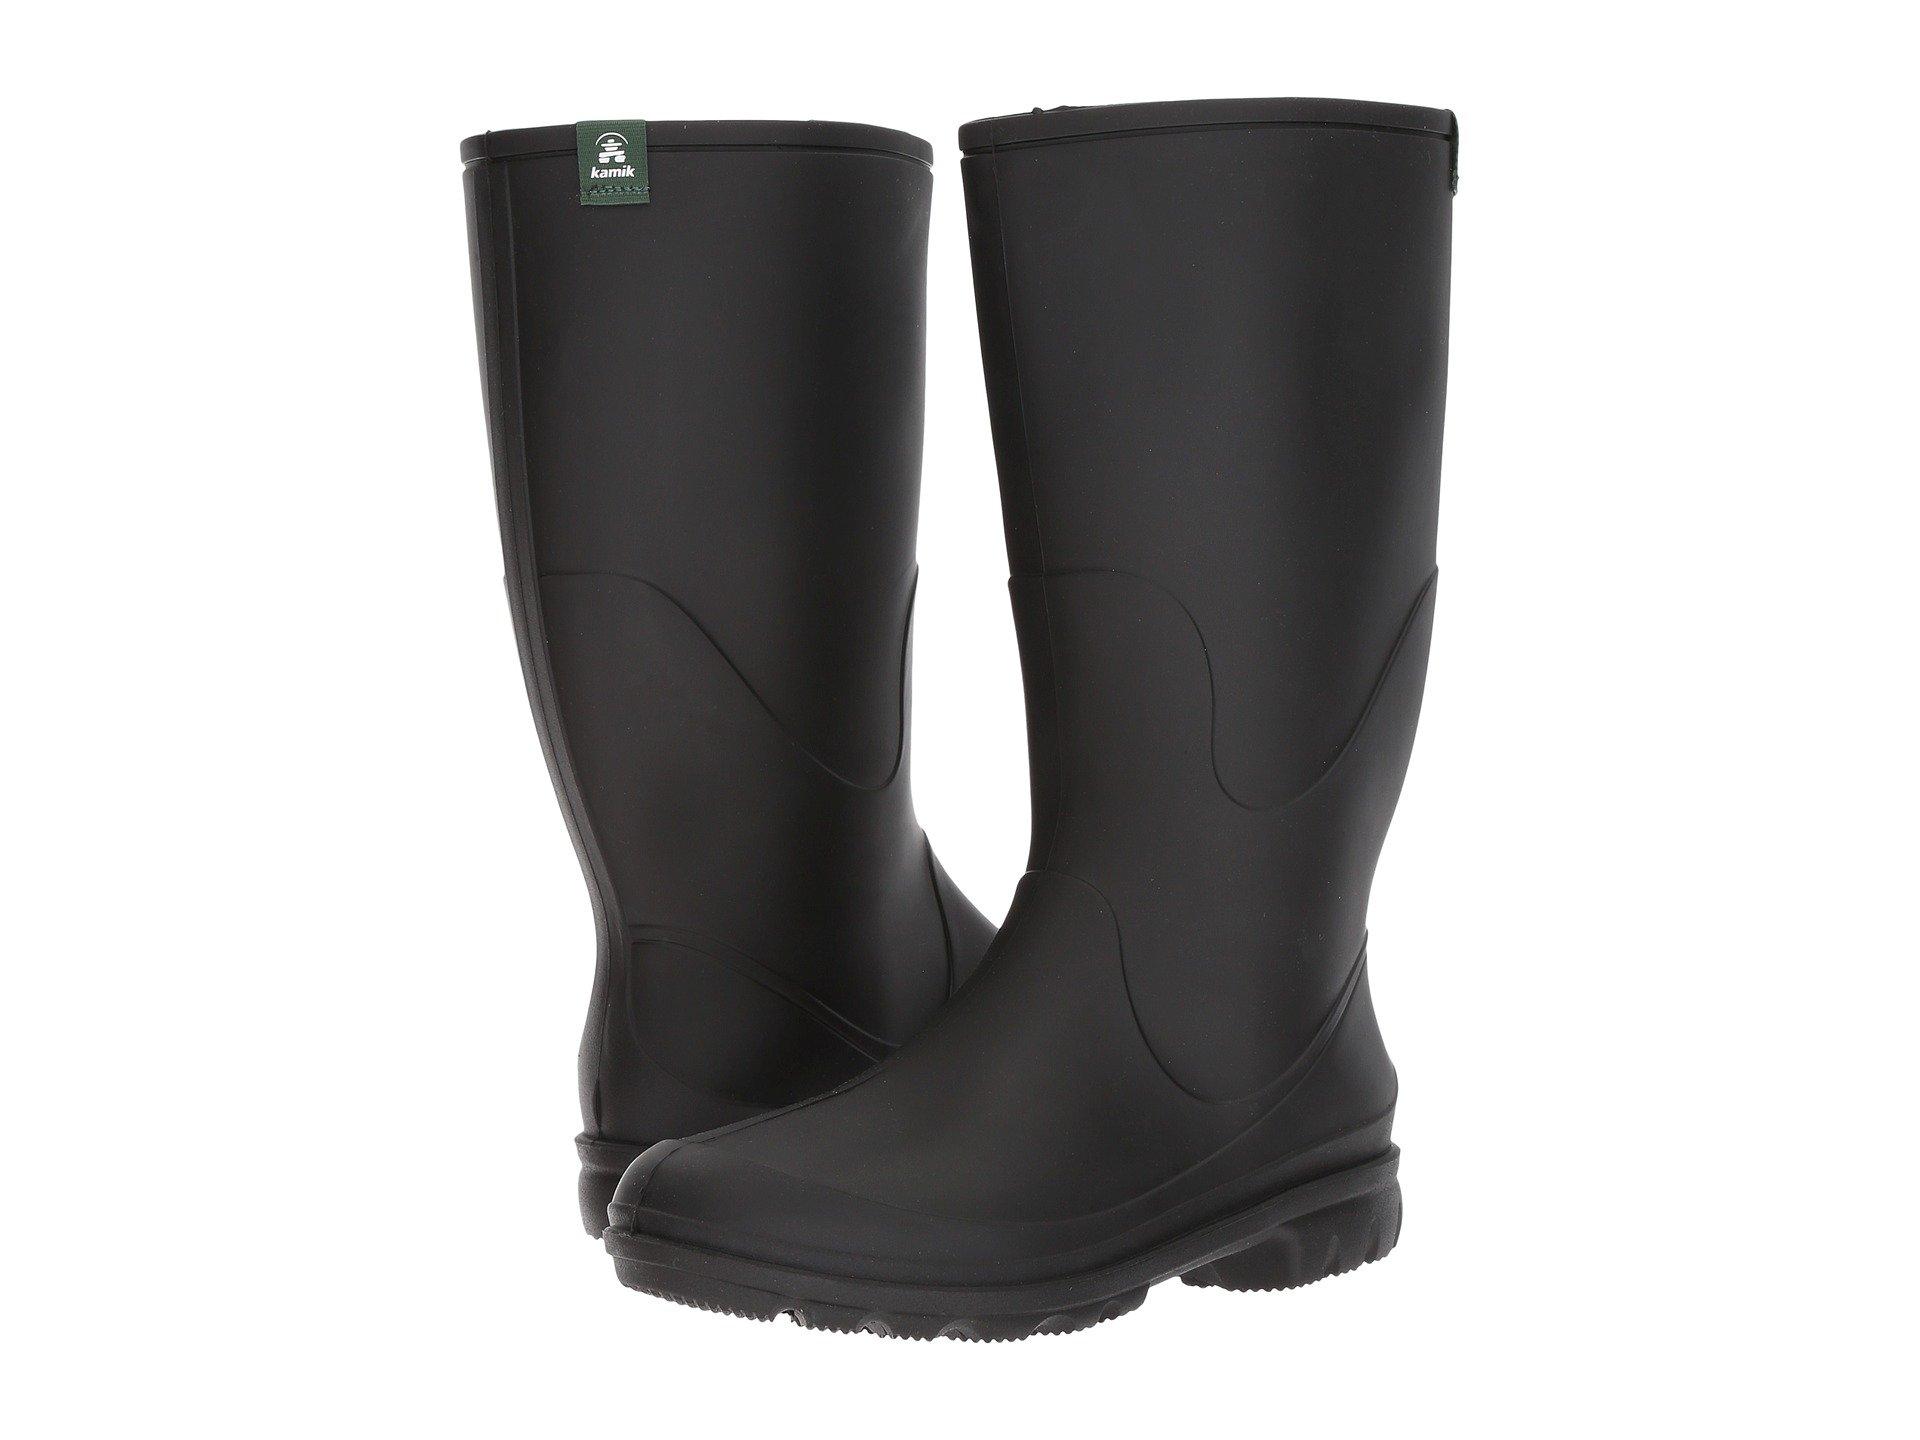 b59ac45da Women's Wide Boots + FREE SHIPPING   Shoes   Zappos.com